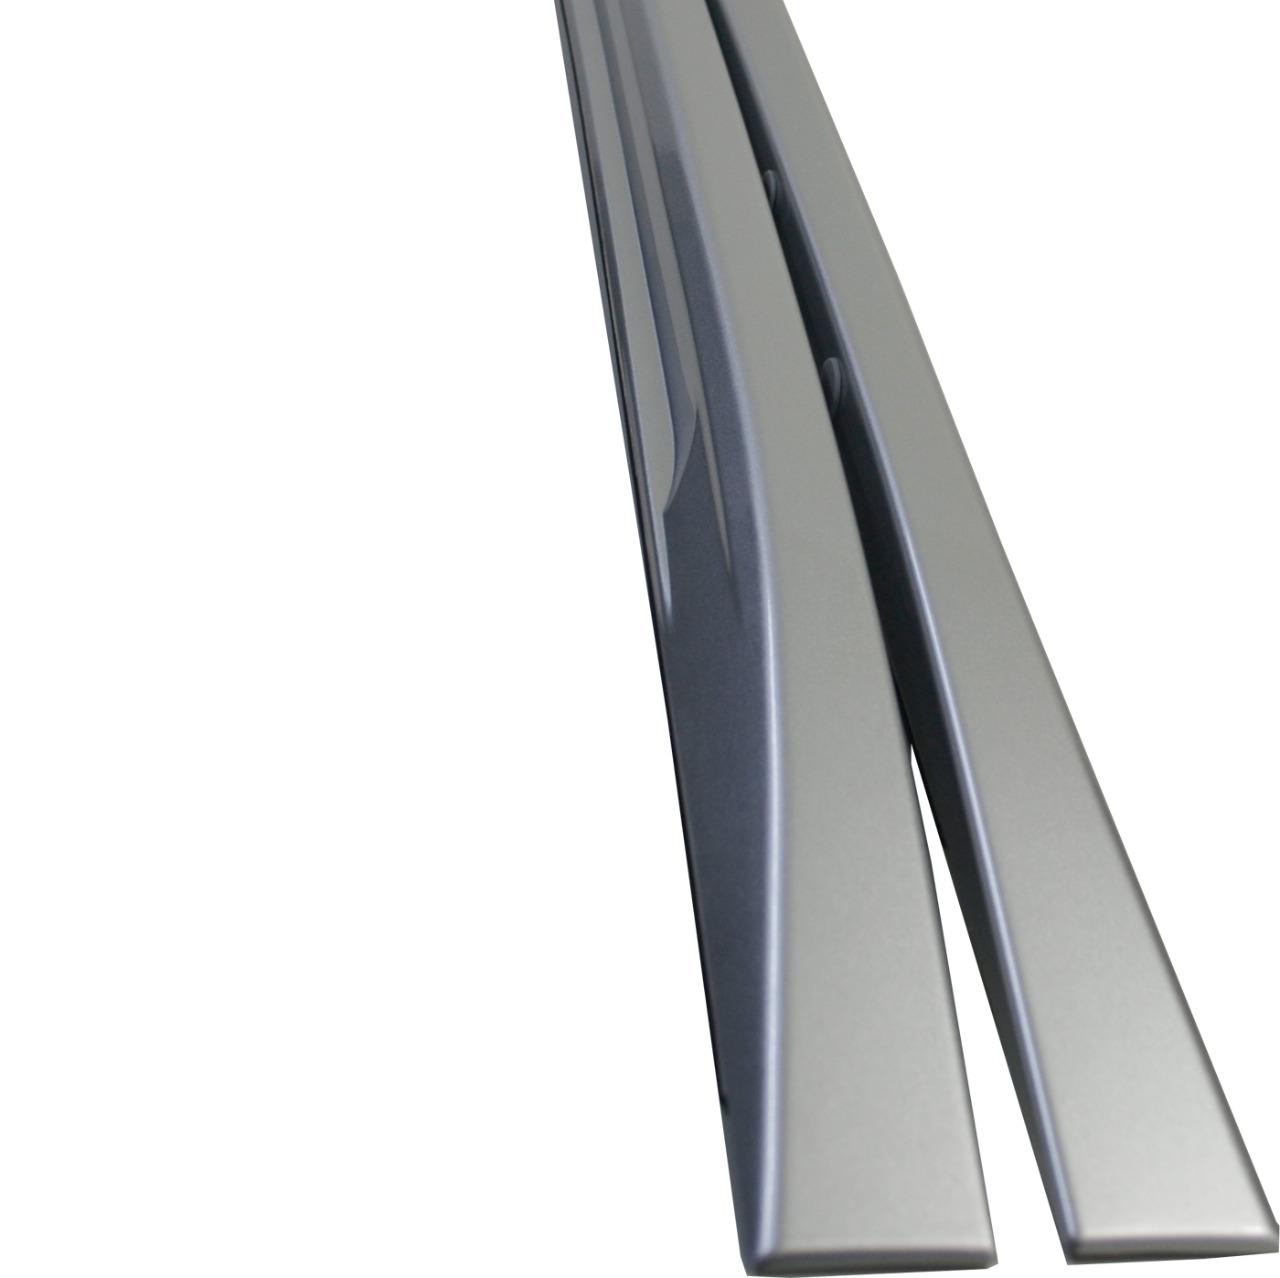 Longarina de Teto Nissan Kicks Prata Modelo Original 2016 em diante